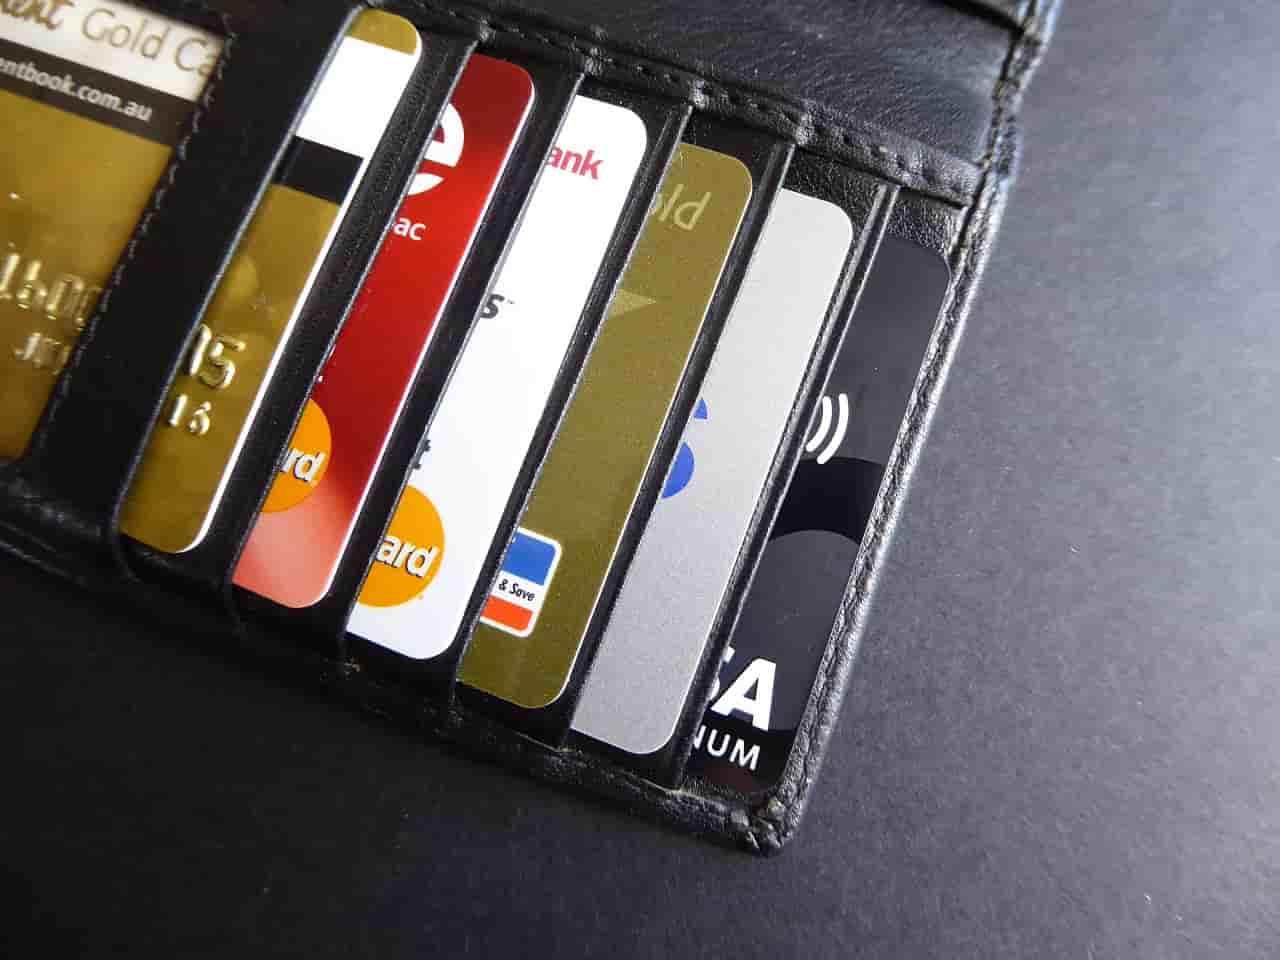 Los bancos deberán reembolsar en dos días hábiles un cargo no reconocido